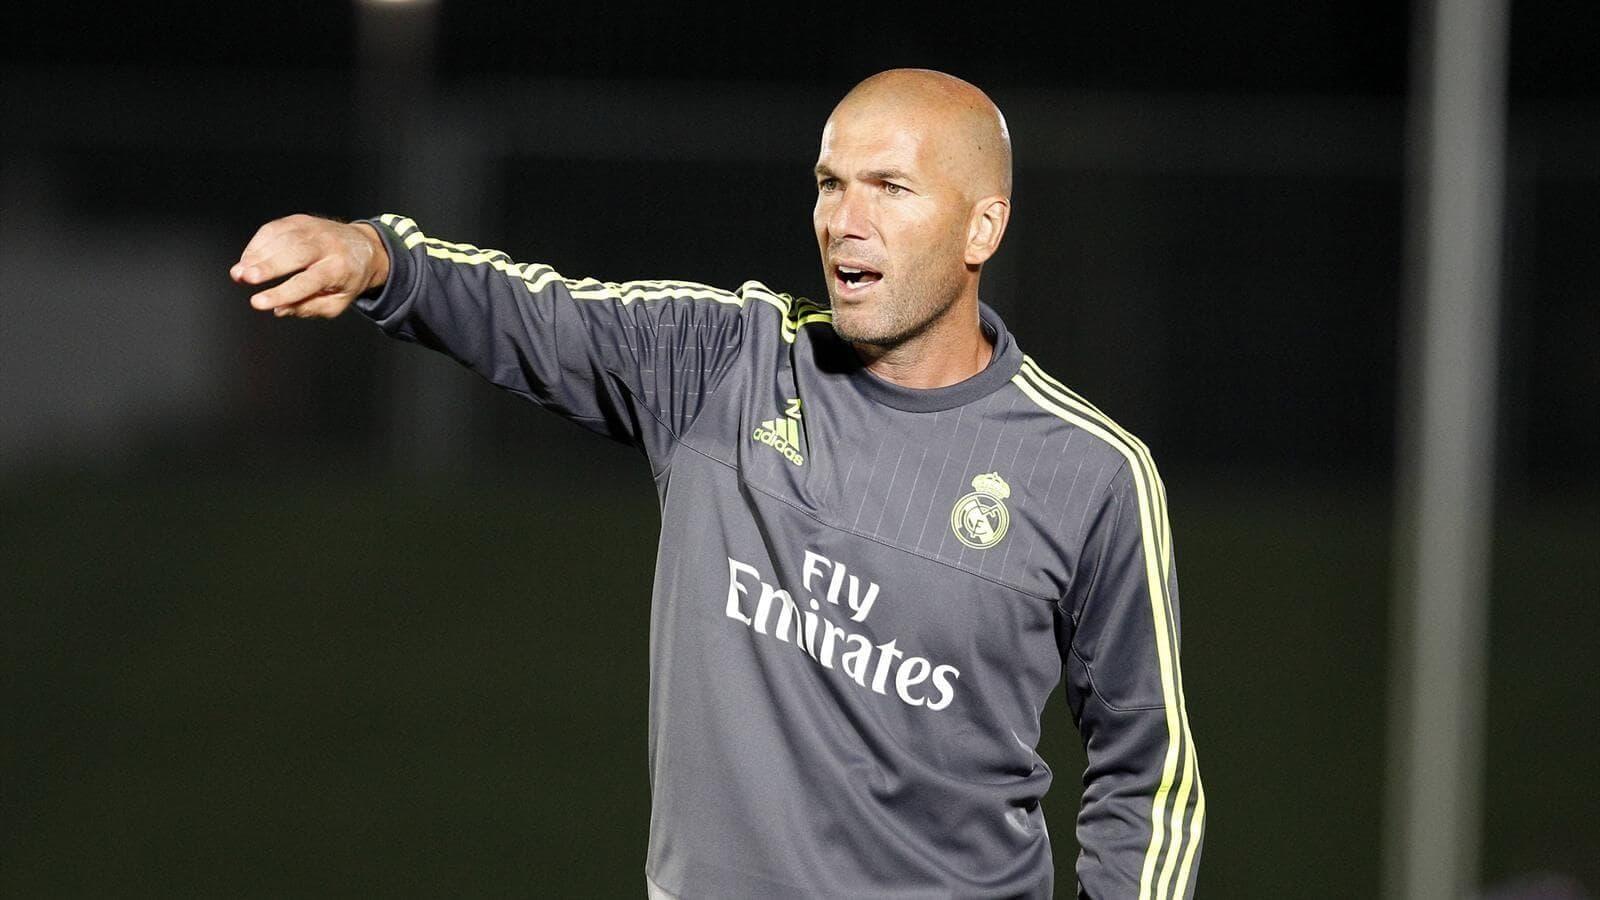 Реал Сосьедад - Реал Мадрид. Футбол. Чемпионат Испании. Прогноз на матч 17.09.17